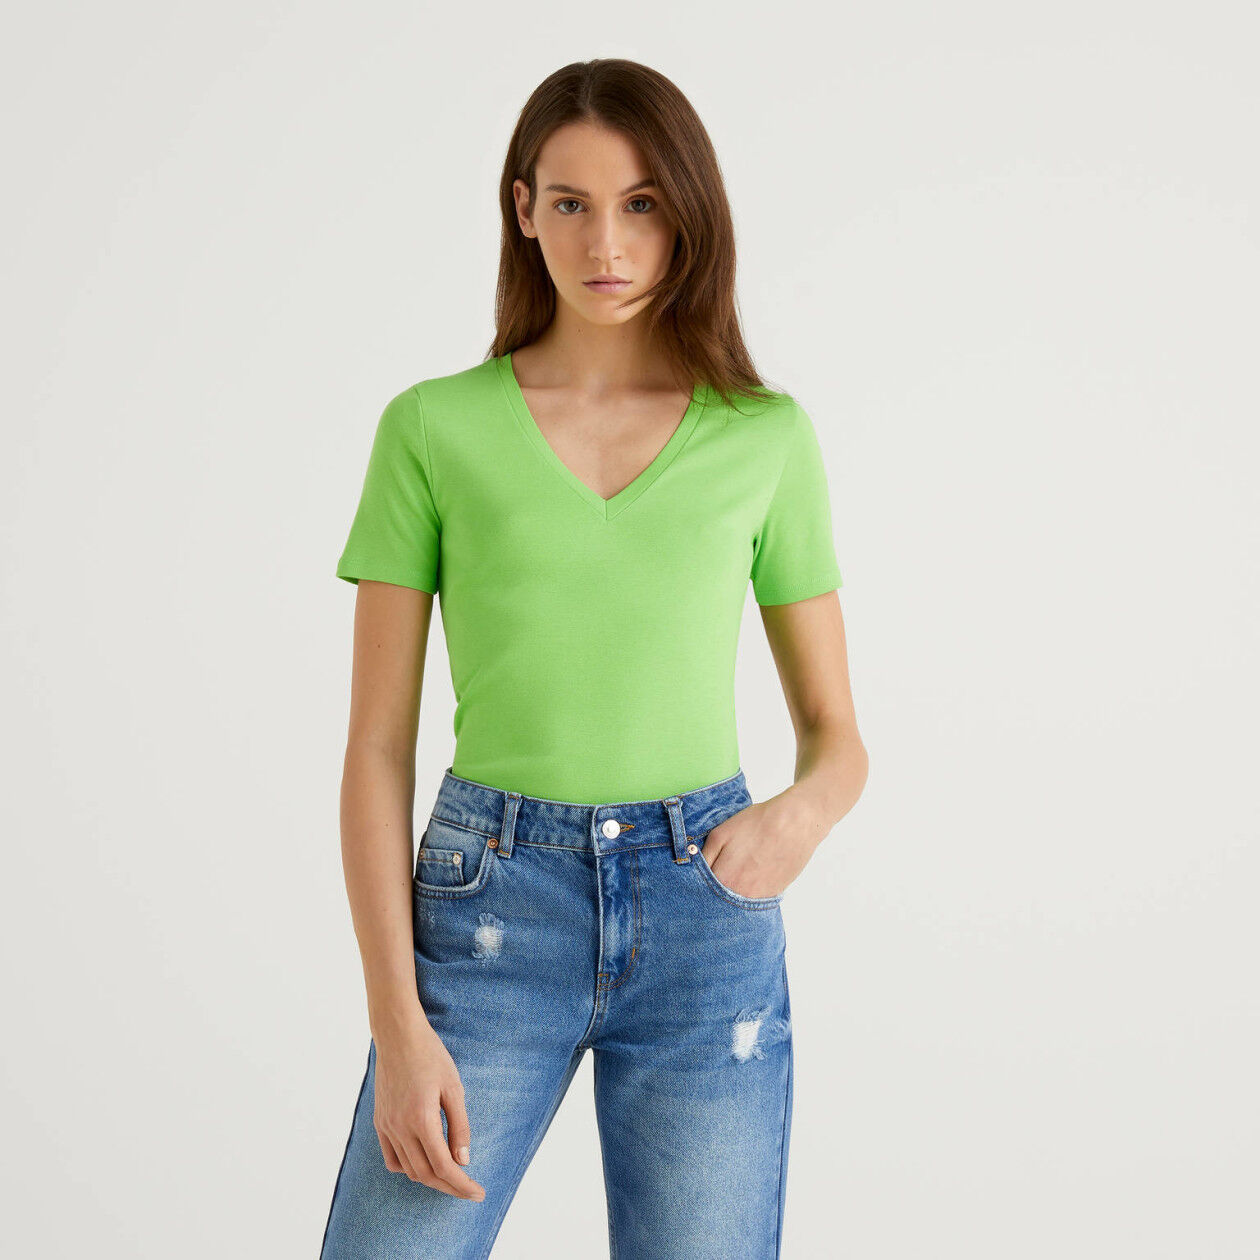 T-shirt em algodão puro com decote em V